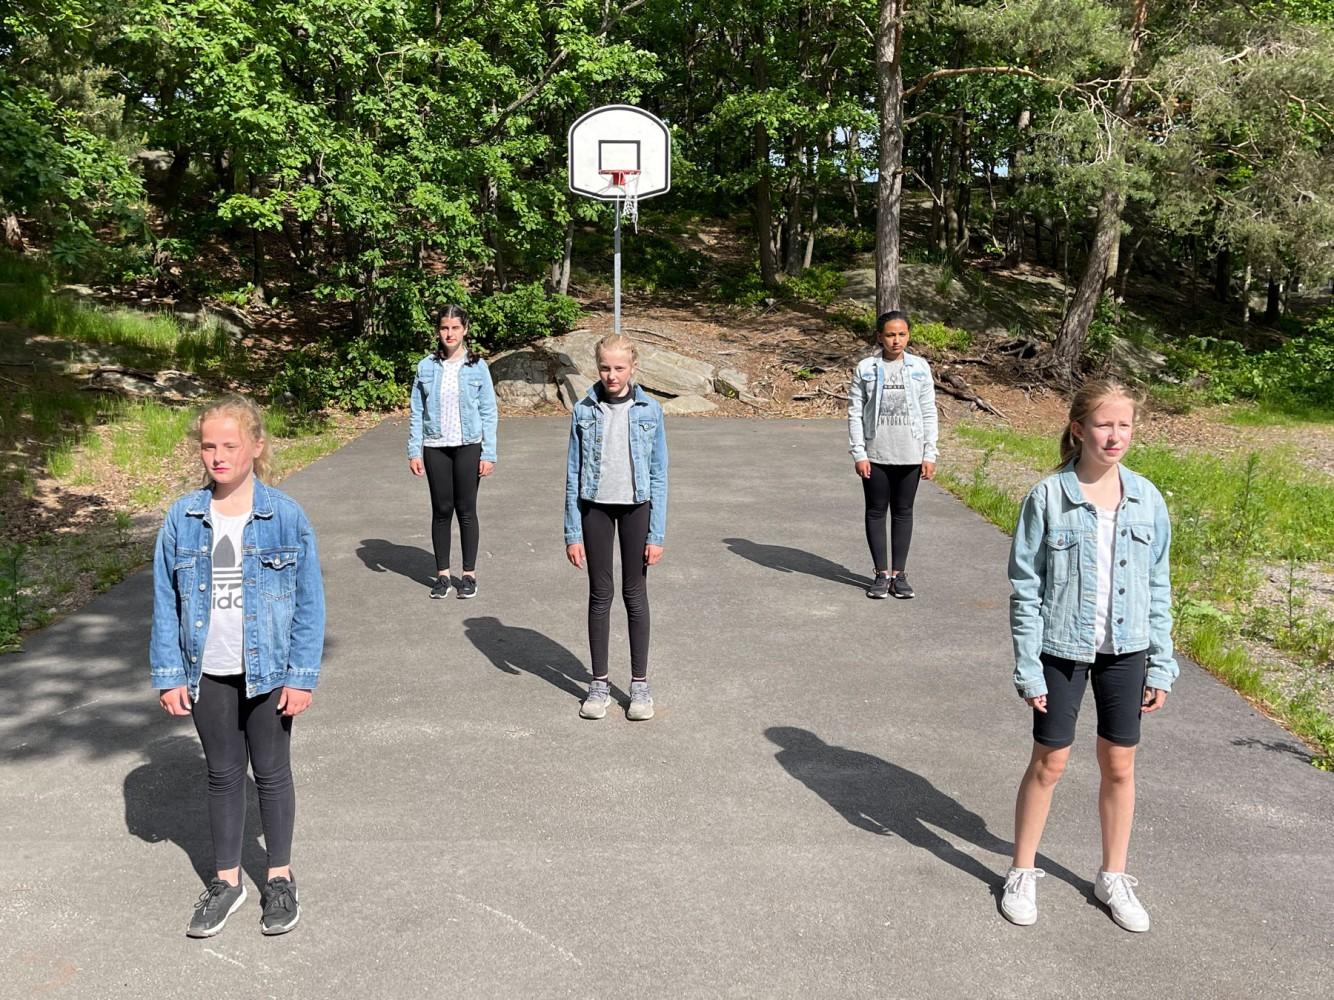 Danseelever øver koreografi utendørs på Slettheia. Foto.